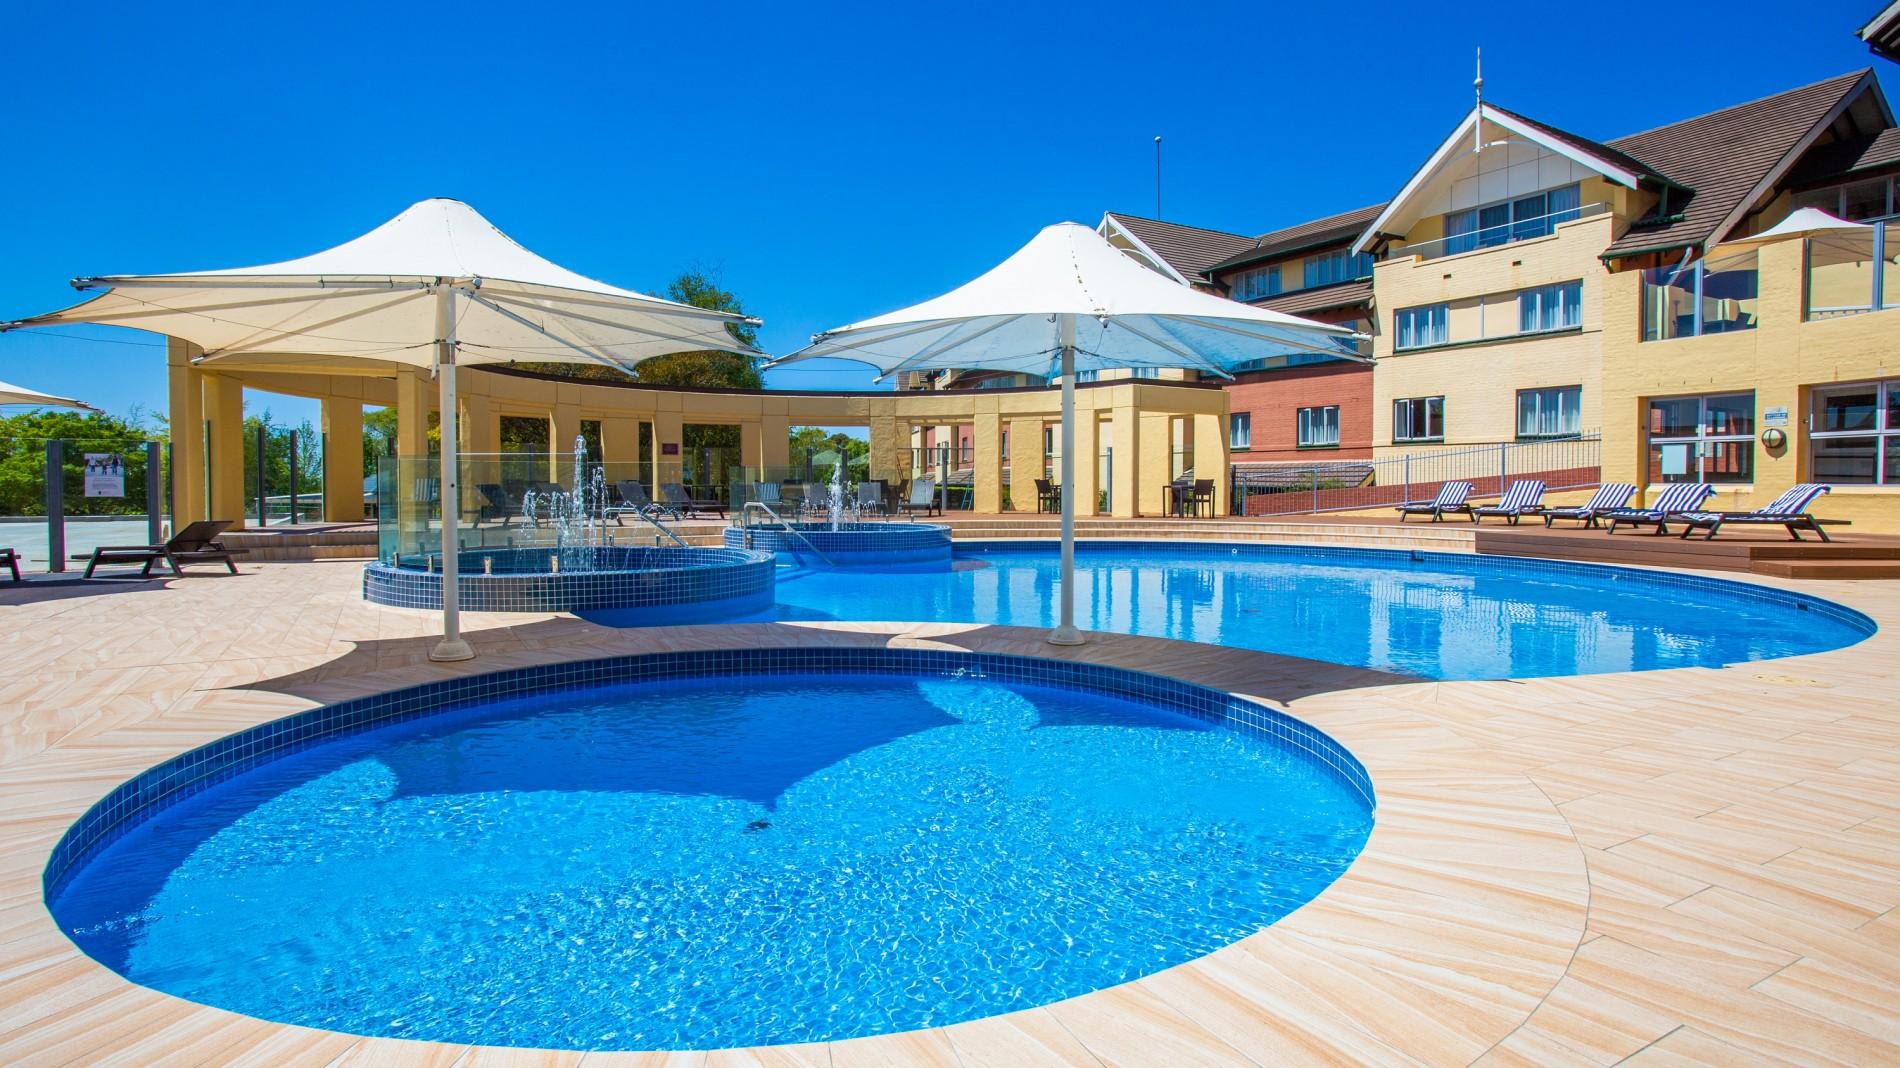 hero-outdoor-pool.jpg